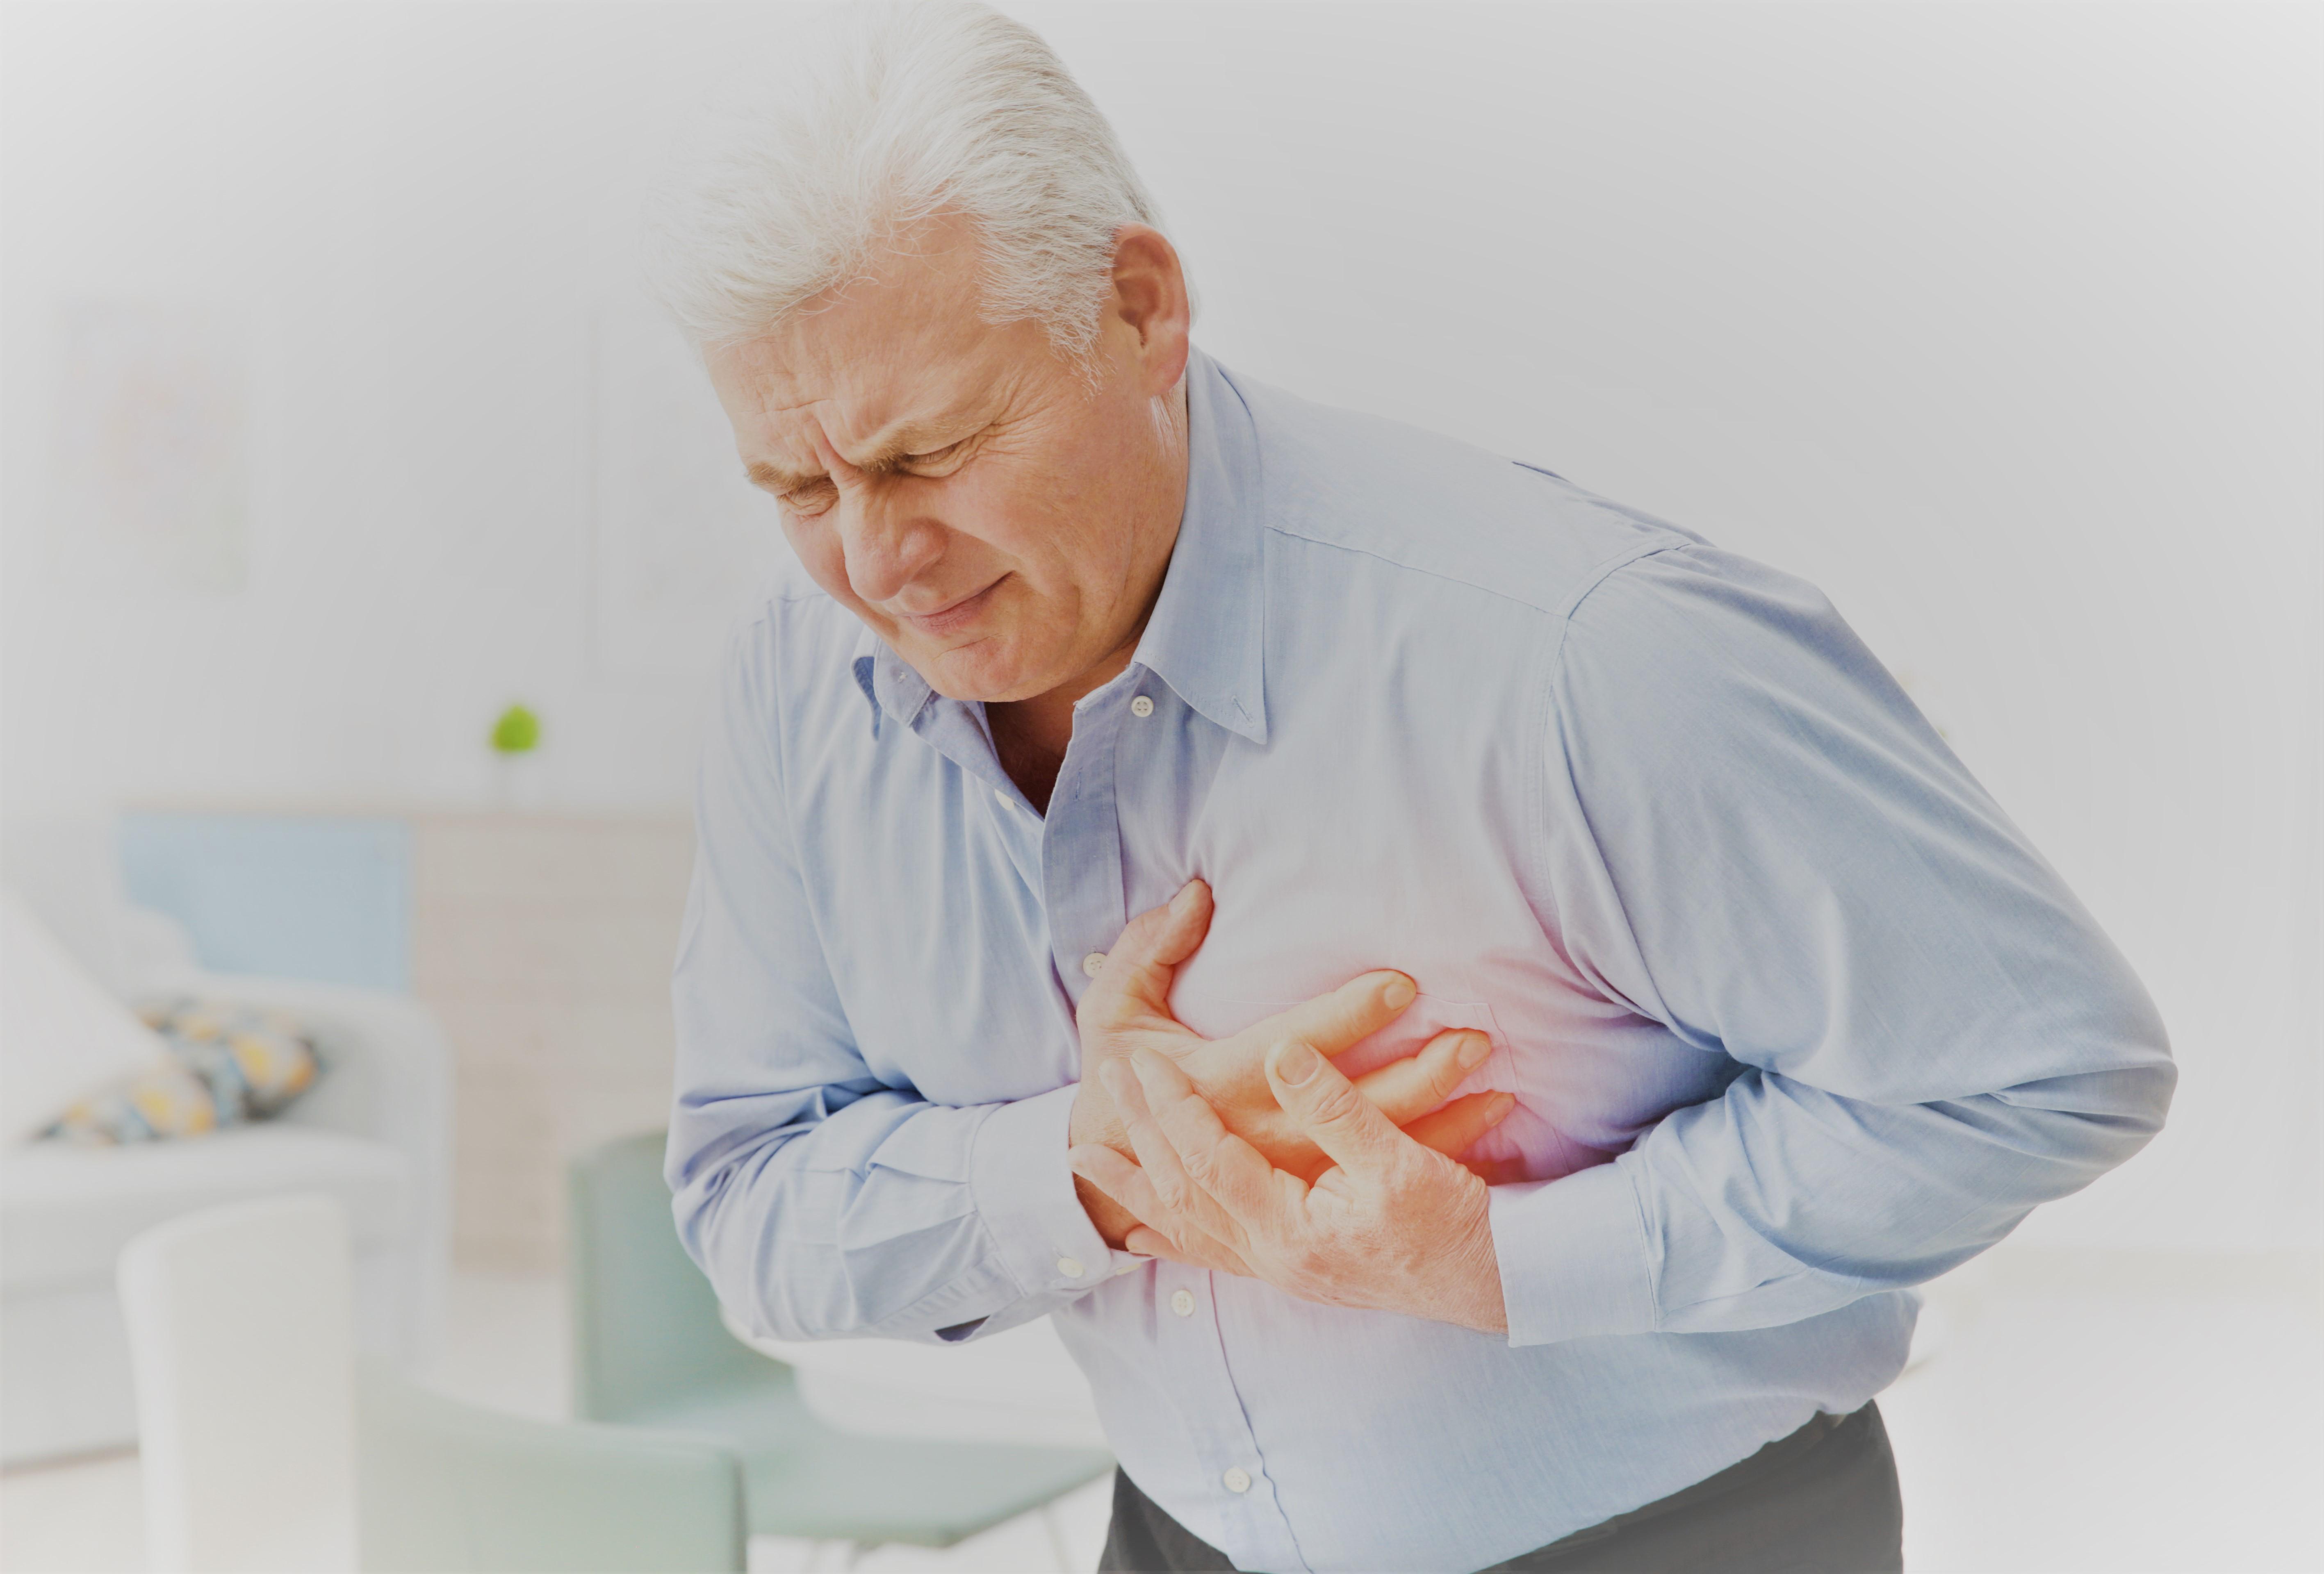 izomízületi fájdalom és kiütés